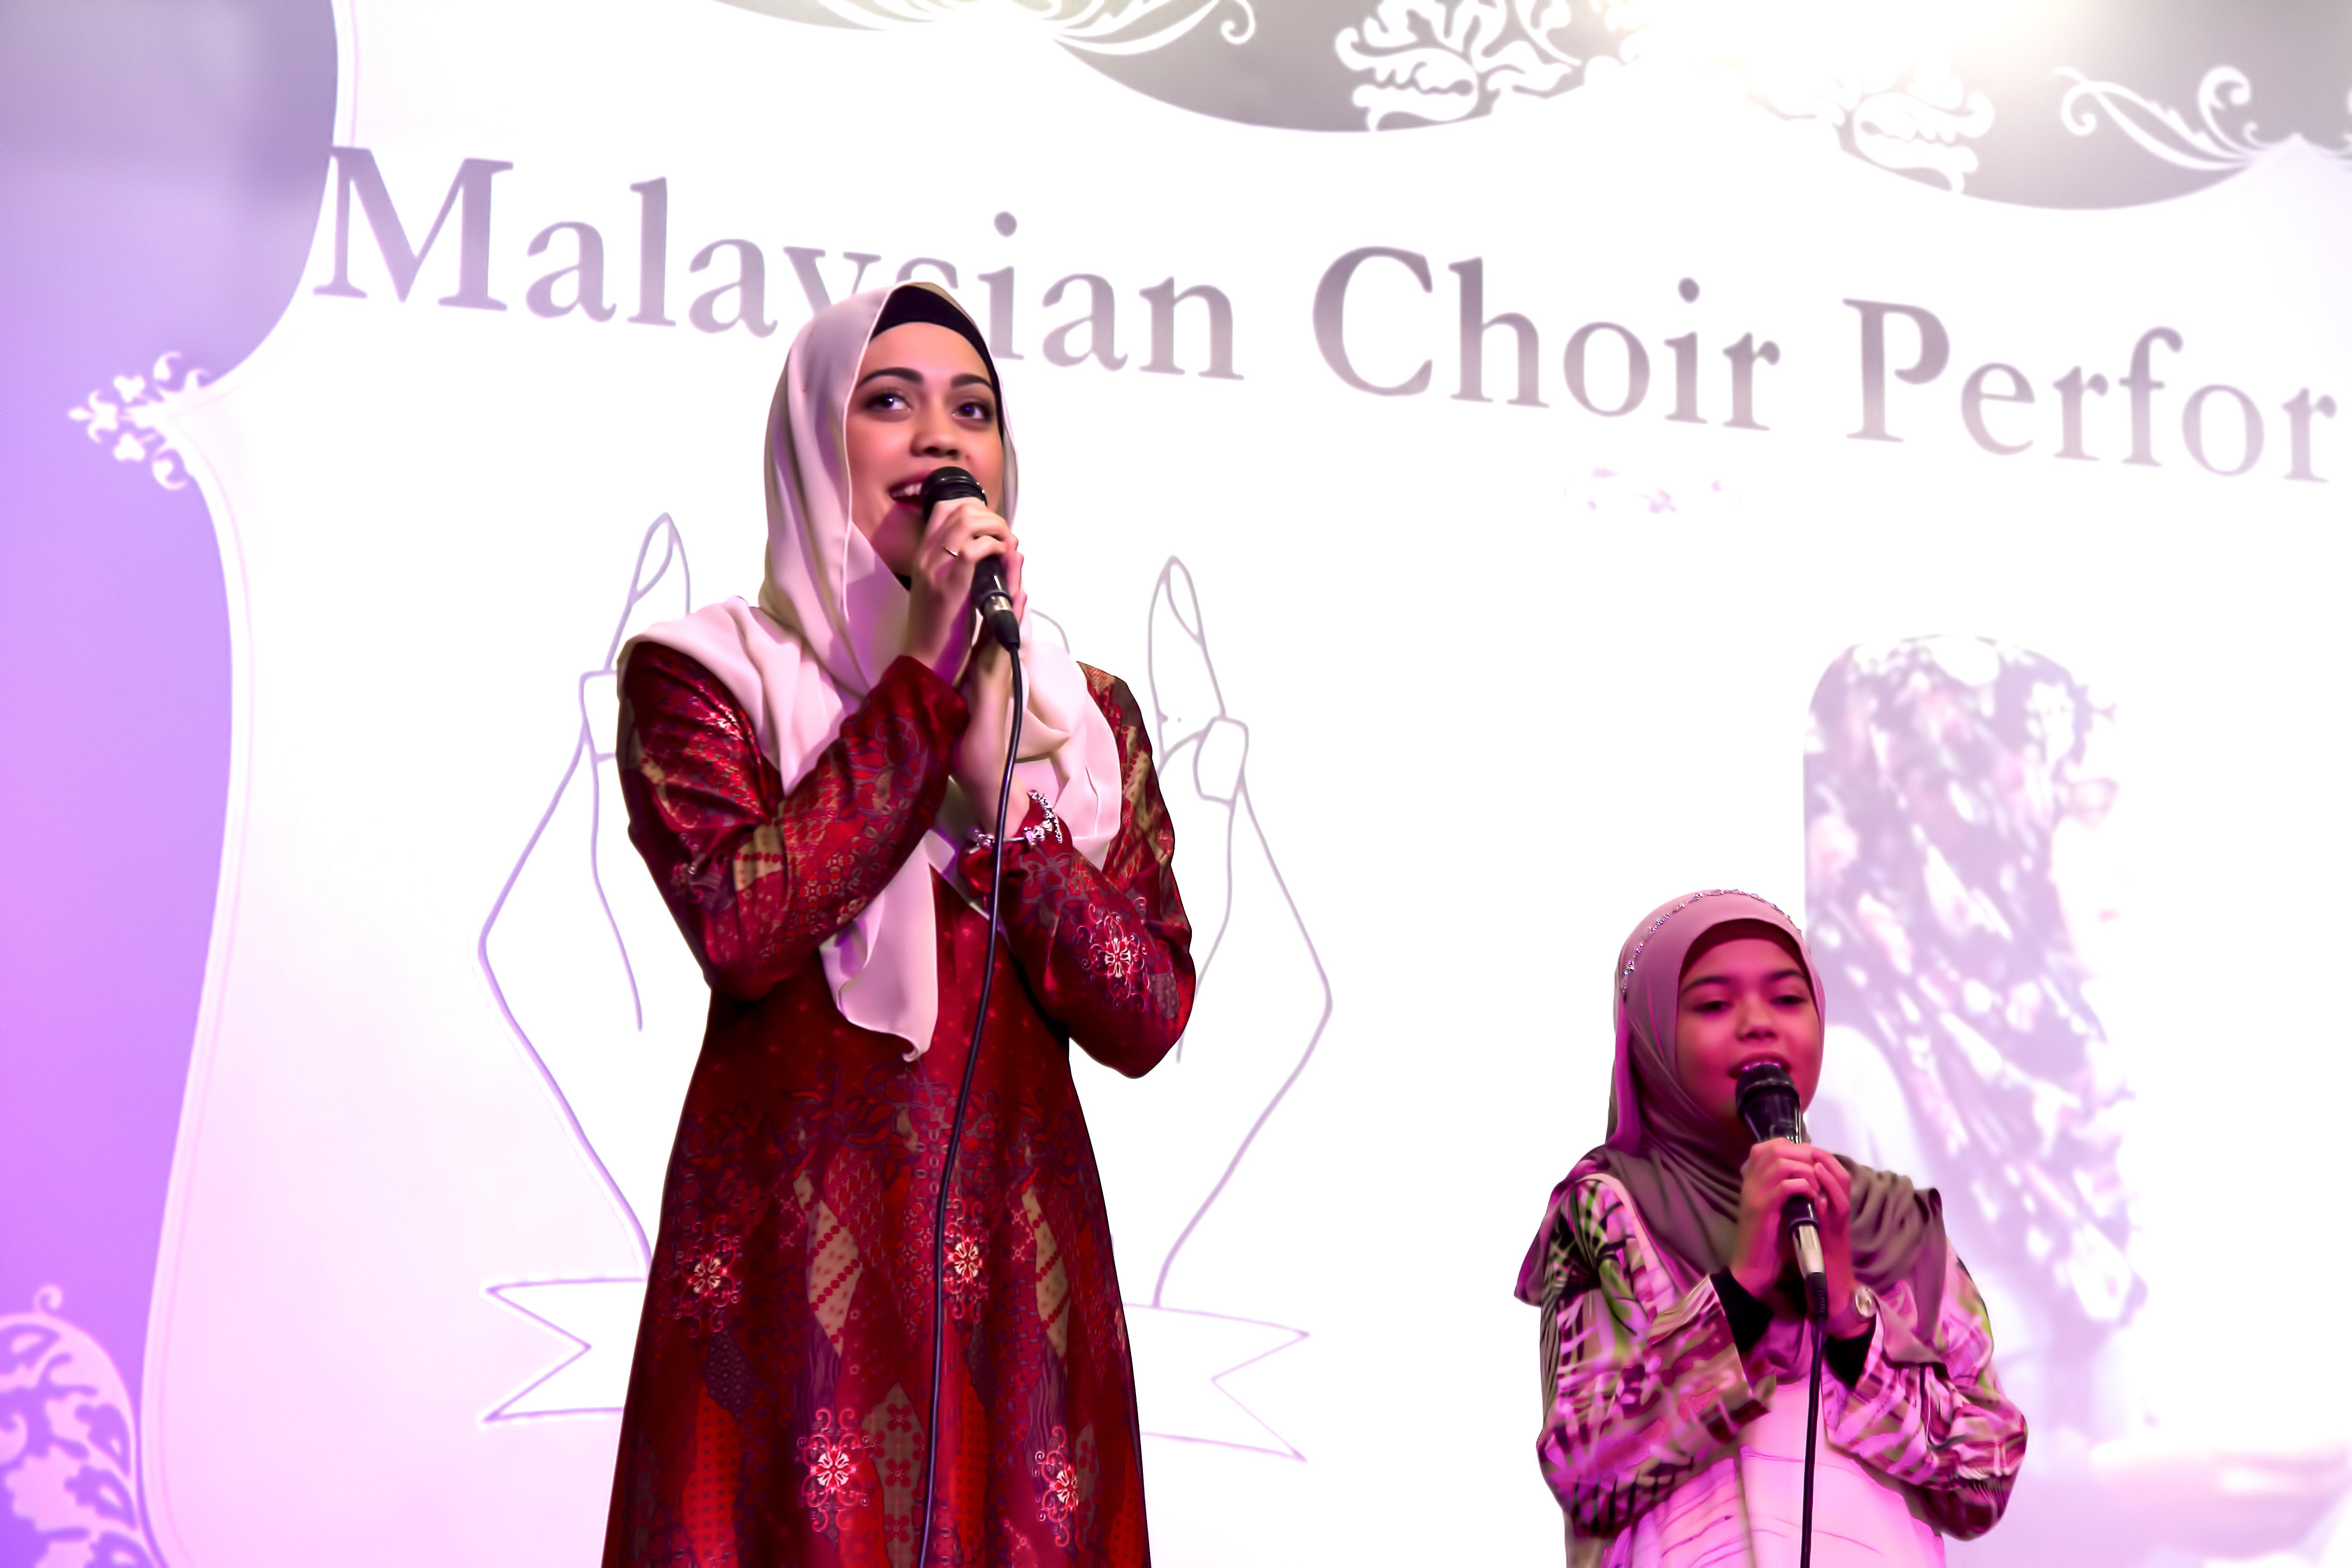 Malaysian Choir